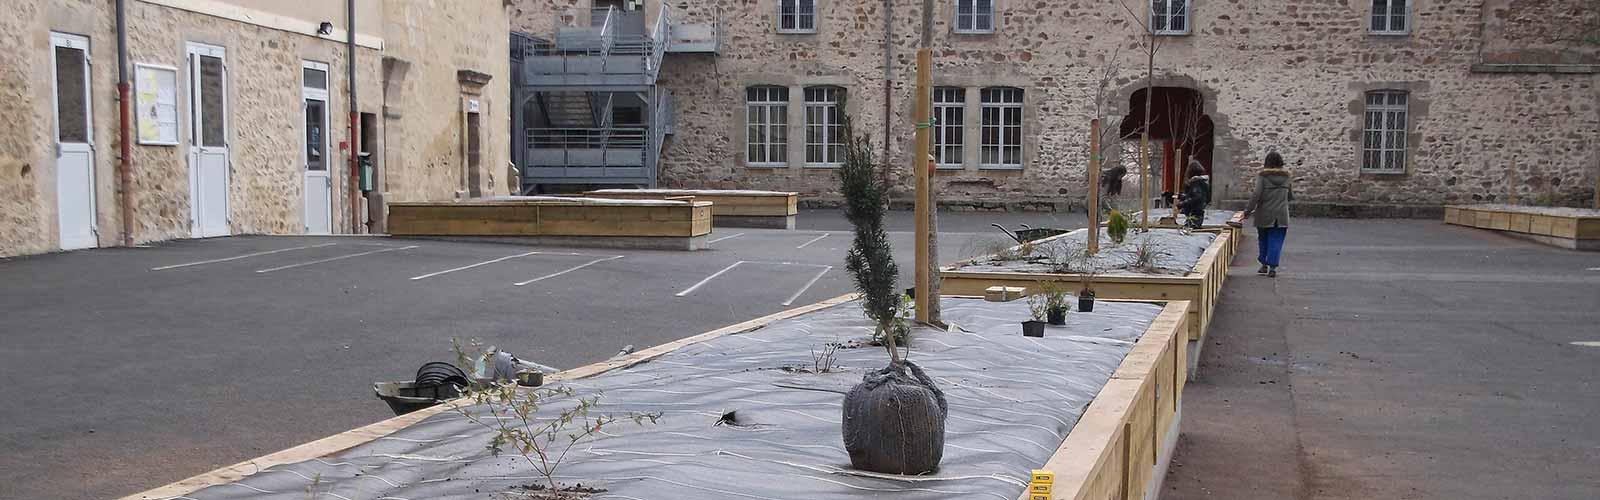 aménagement de la cour du collège : plantation d'arbres - formations